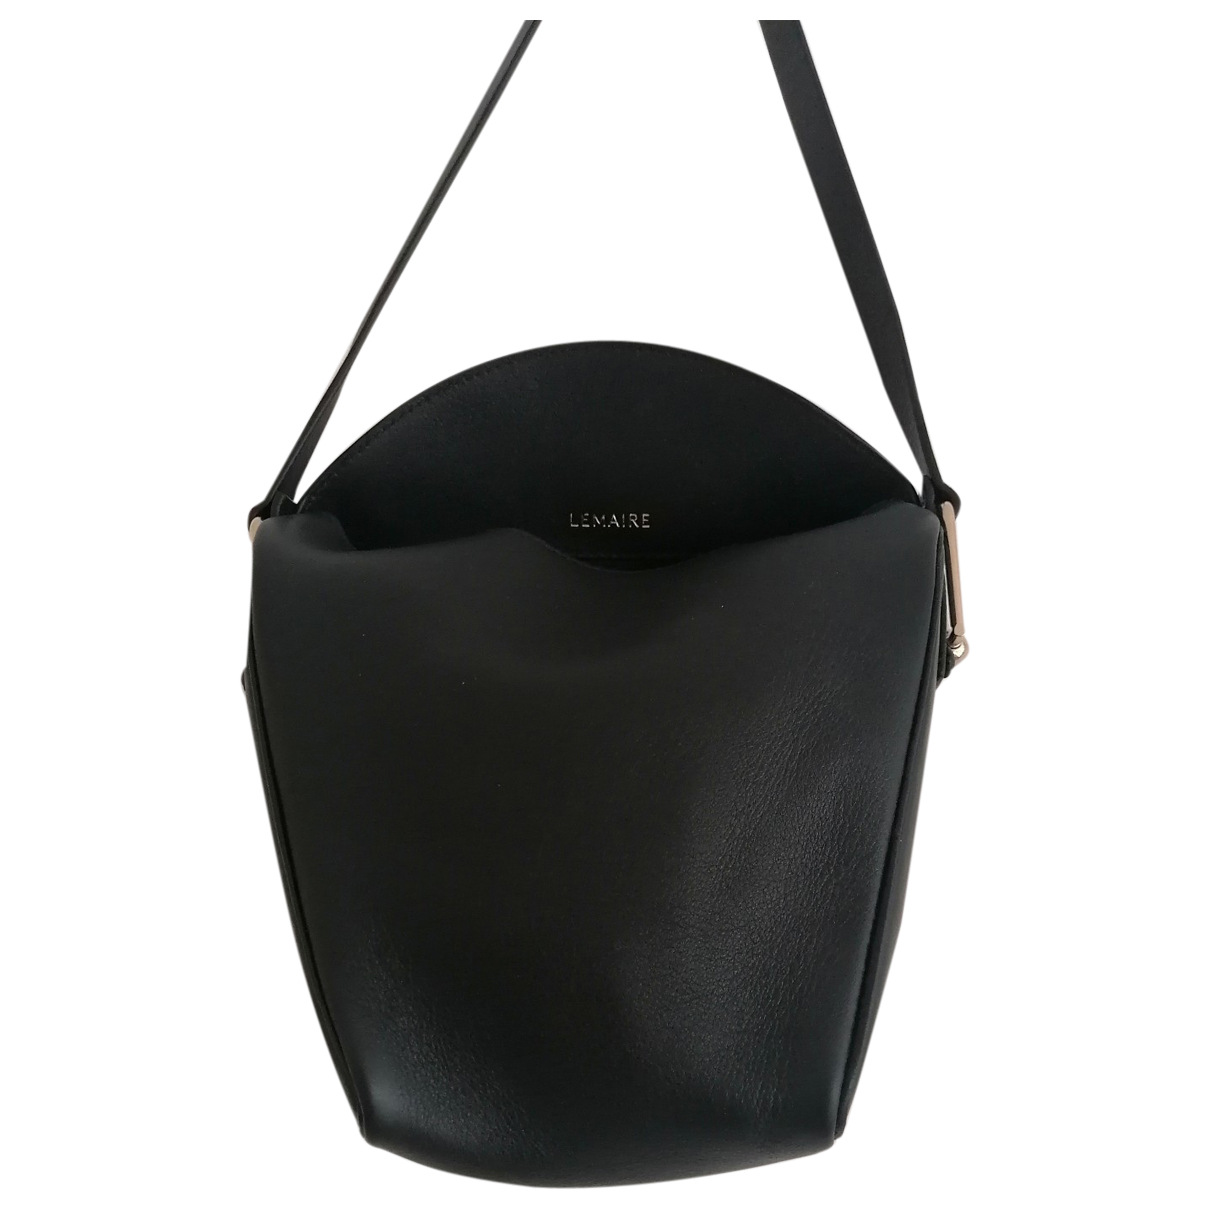 Lemaire \N Black Leather handbag for Women \N